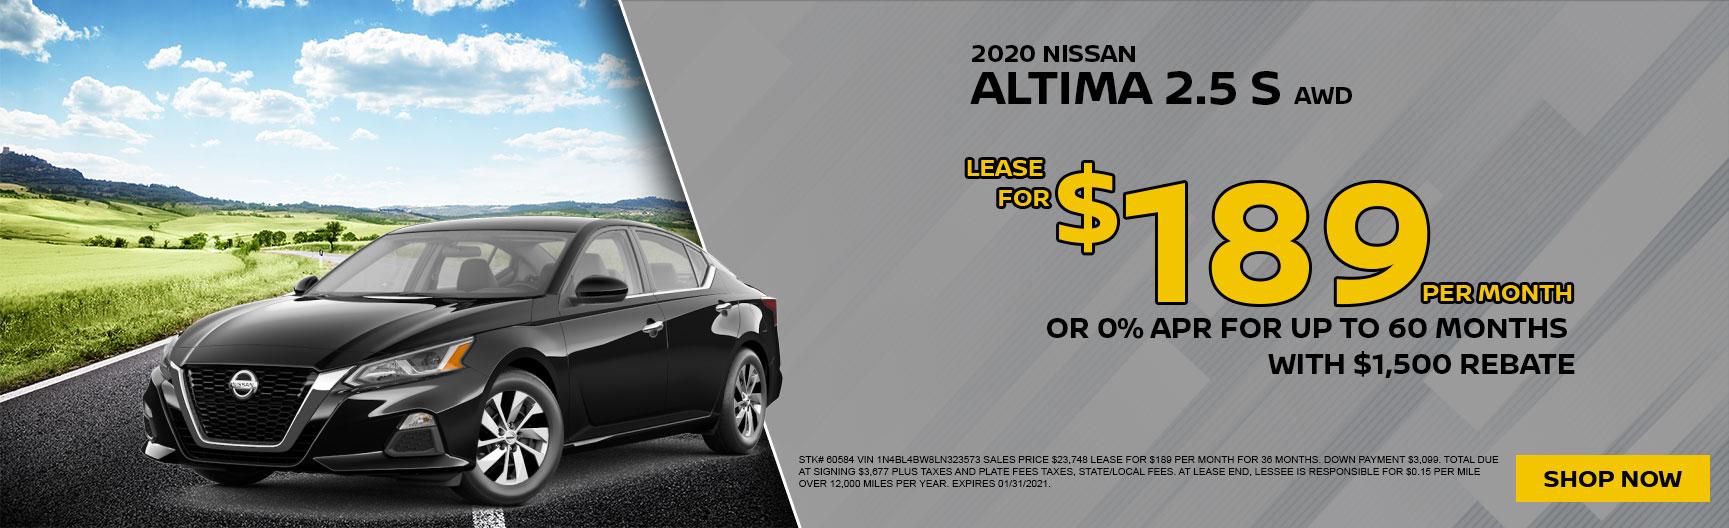 2020 Nissan Altima S AWD